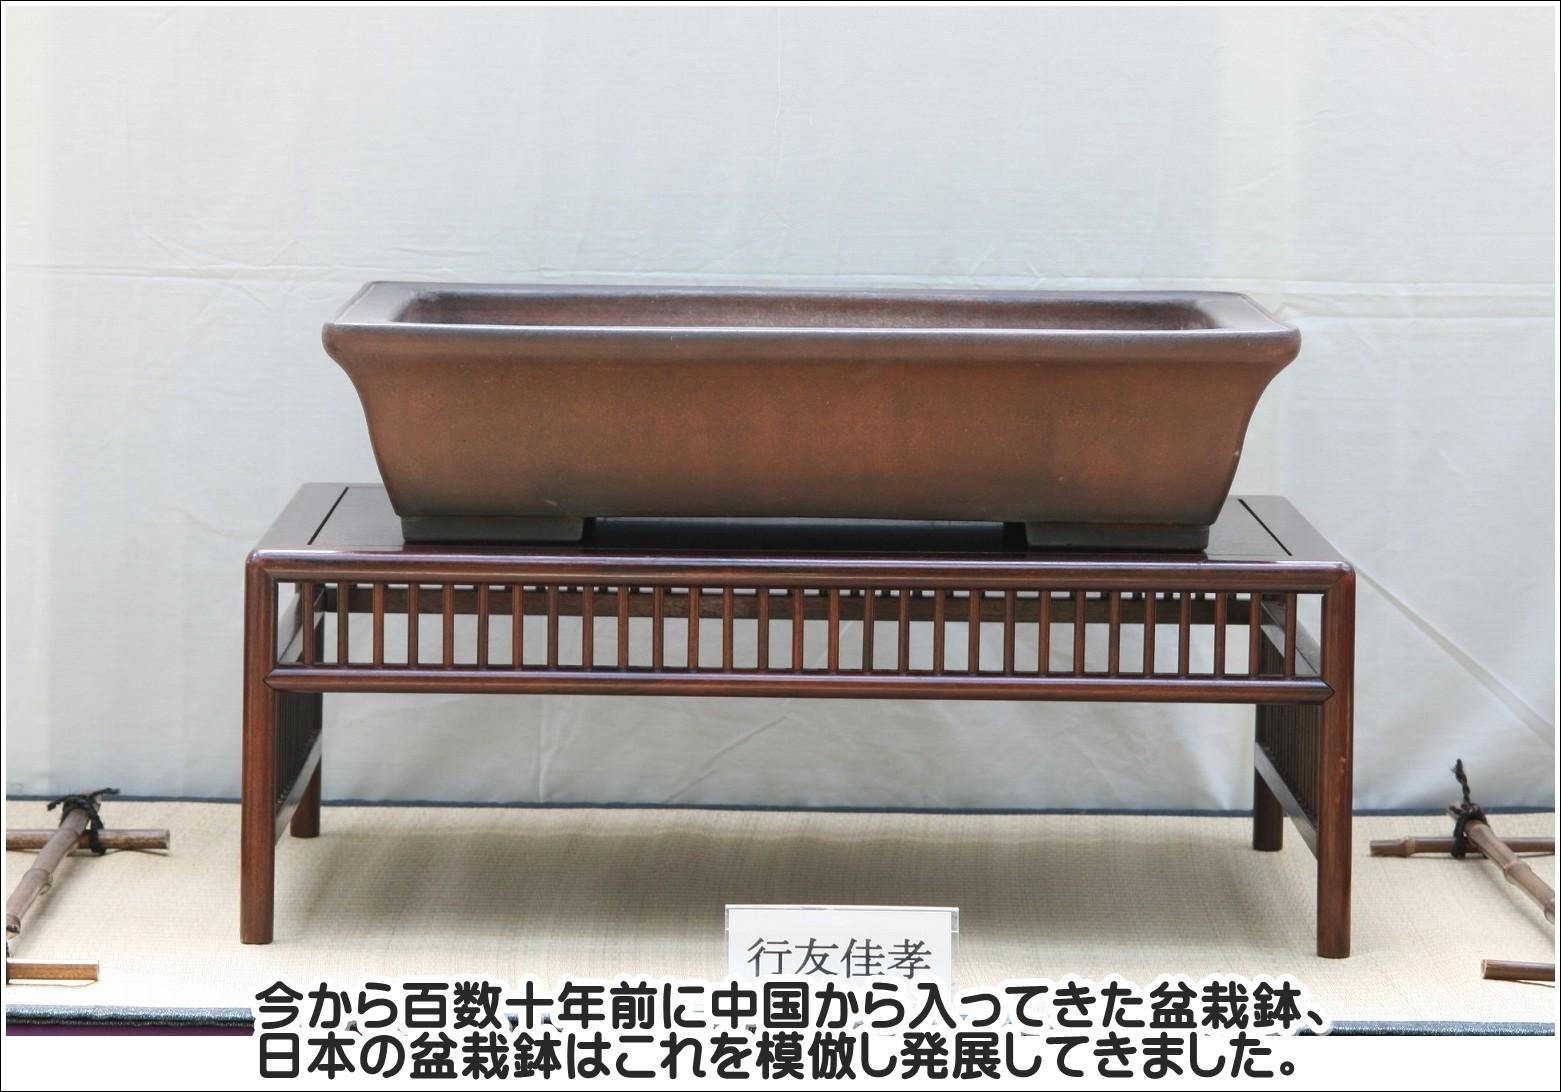 今から百数十年前に中国から入ってきた盆栽鉢、日本の盆栽鉢はこれを模倣し発展してきました。